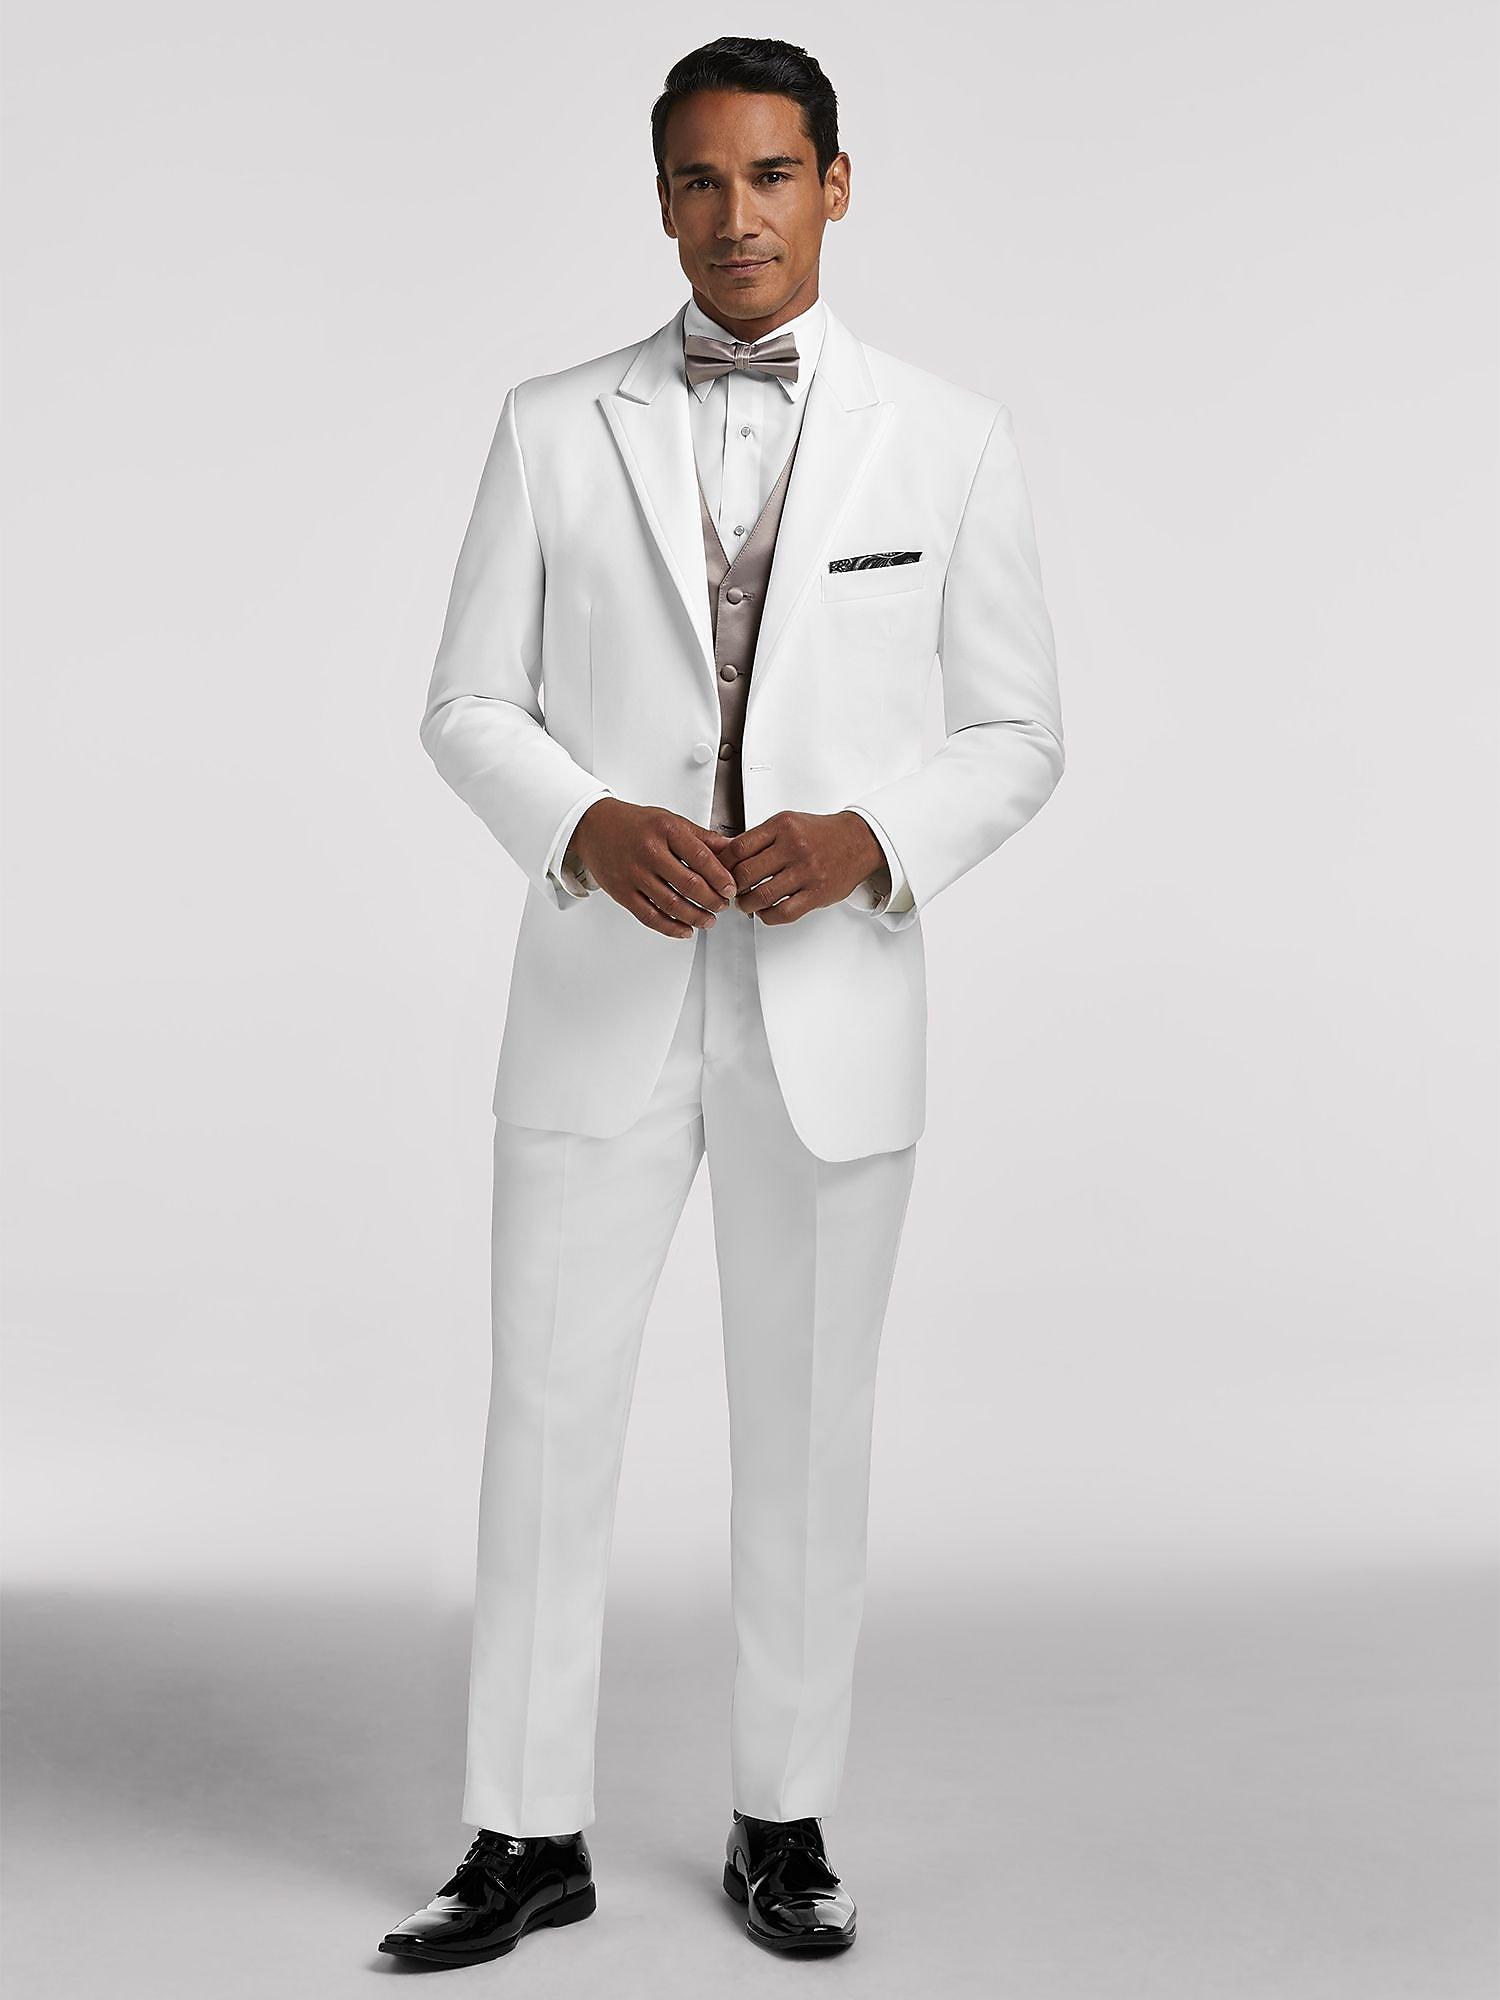 3243345e940a77 White Satin Edged Lapel Tux by Pronto Uomo | Tuxedo Rental | Men's ...